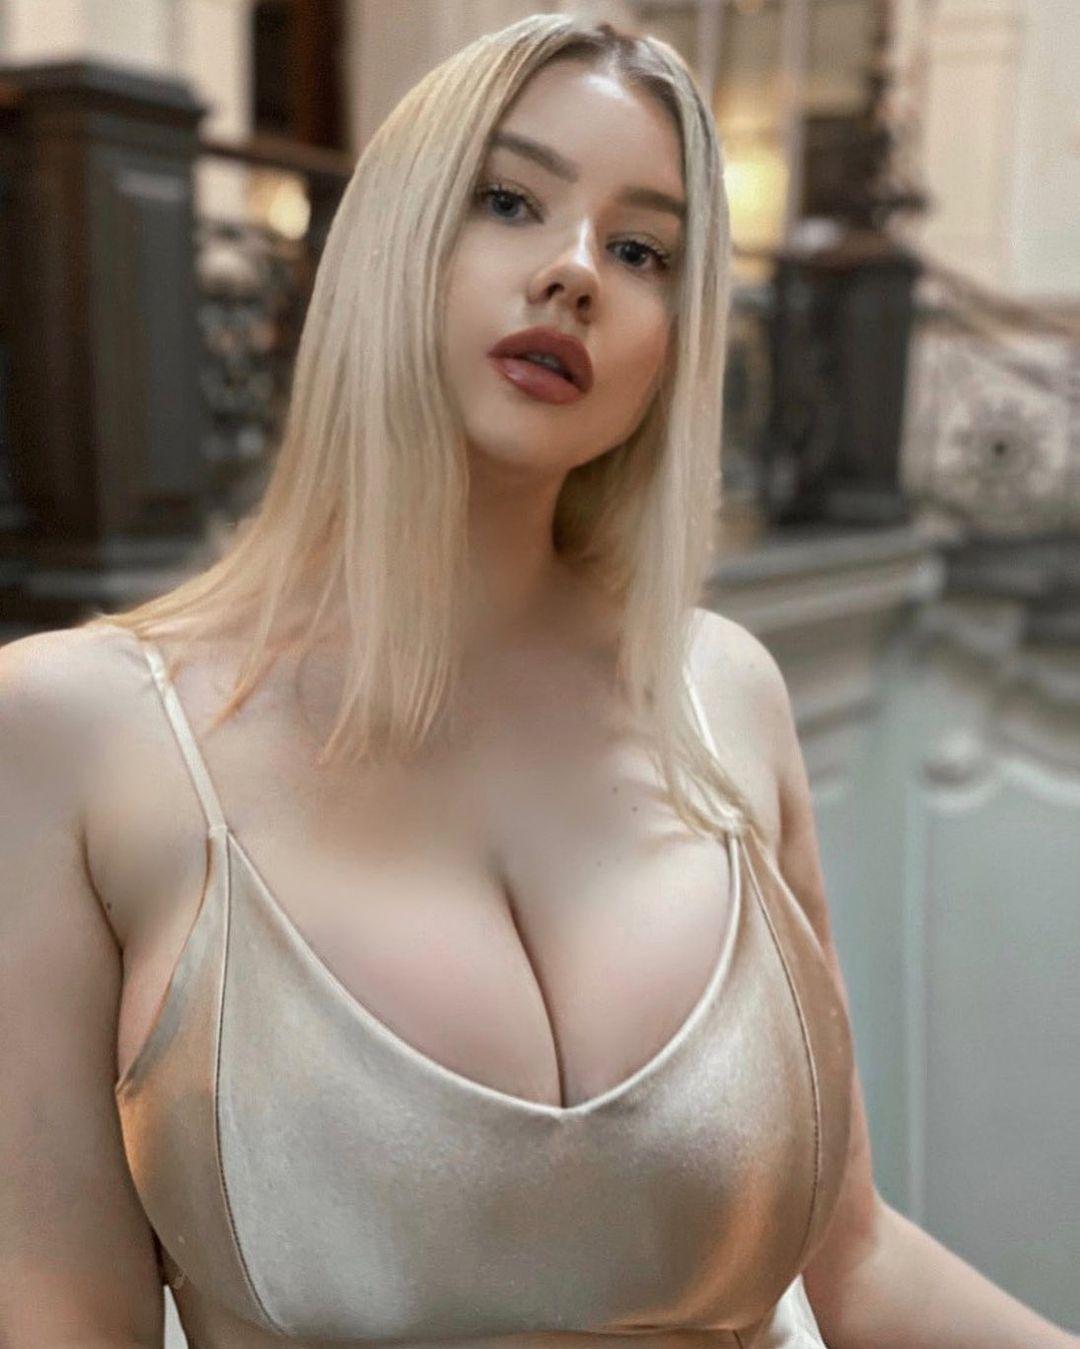 Прасковья Позднякова (Pasha Pozdniakova) - финская красотка с огромной грудью 5